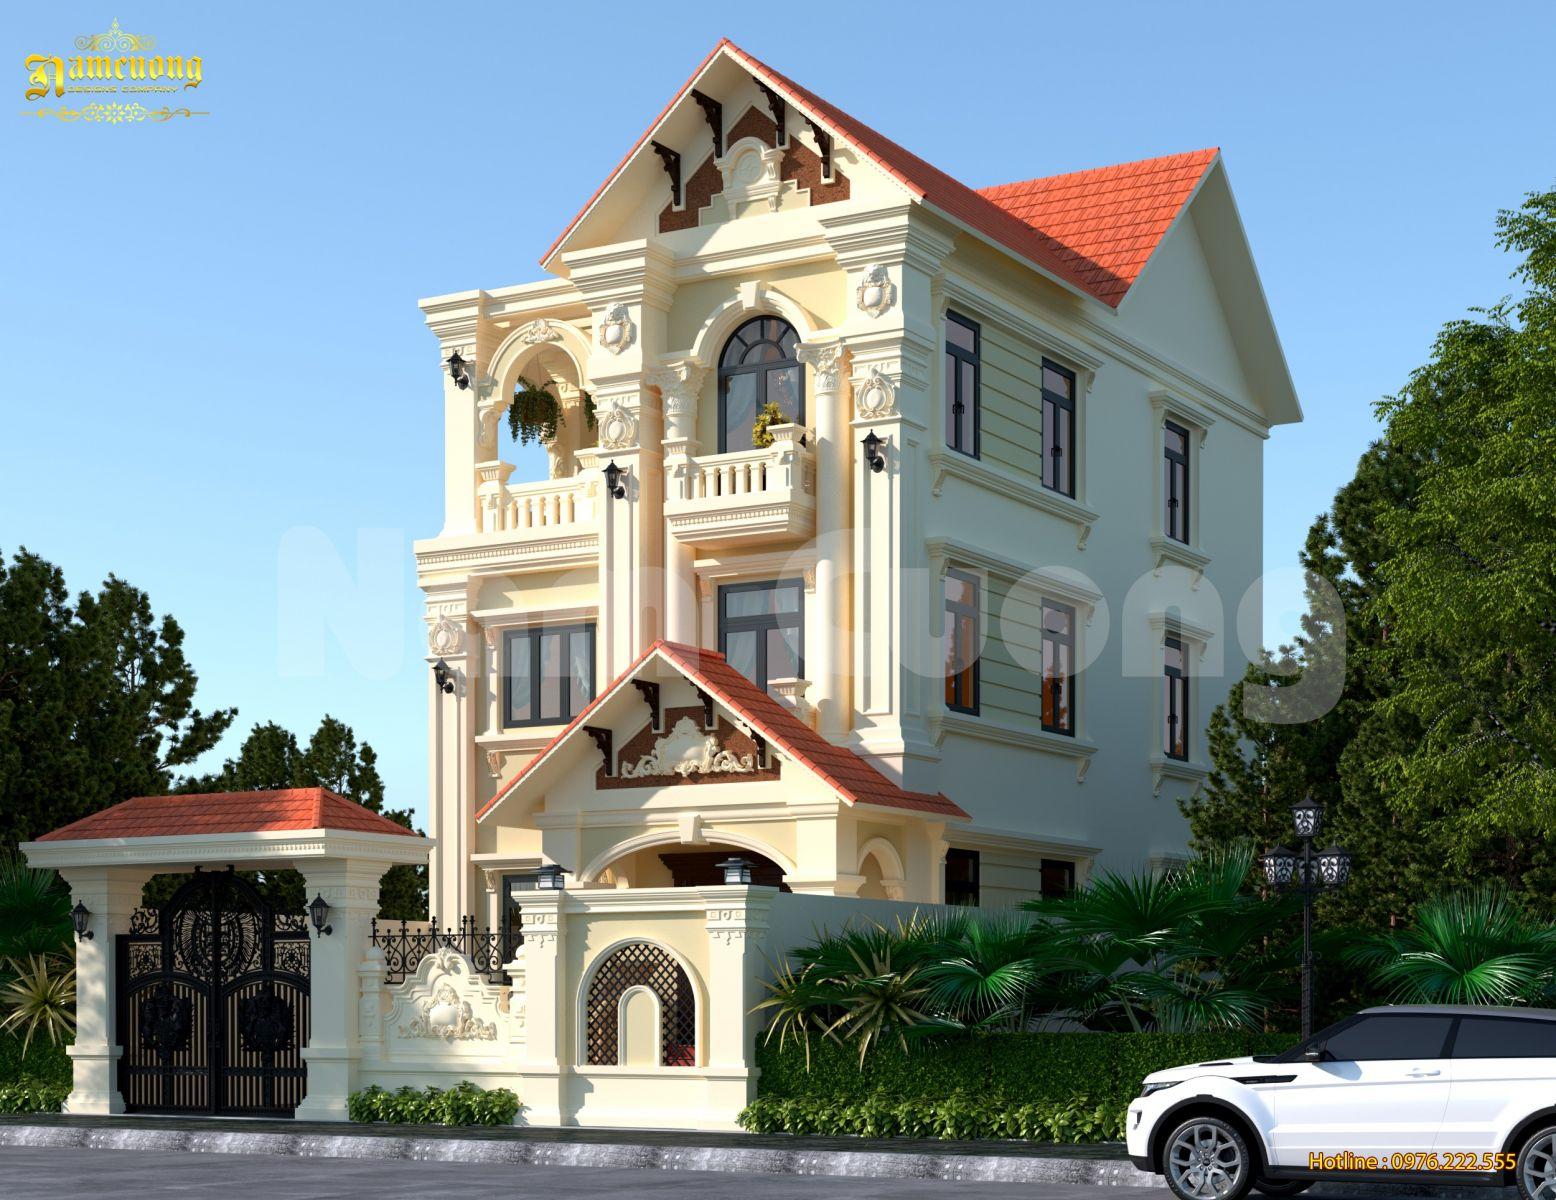 Thiết kế biệt thự 3 tầng kiến trúc Pháp tại Quảng Ninh